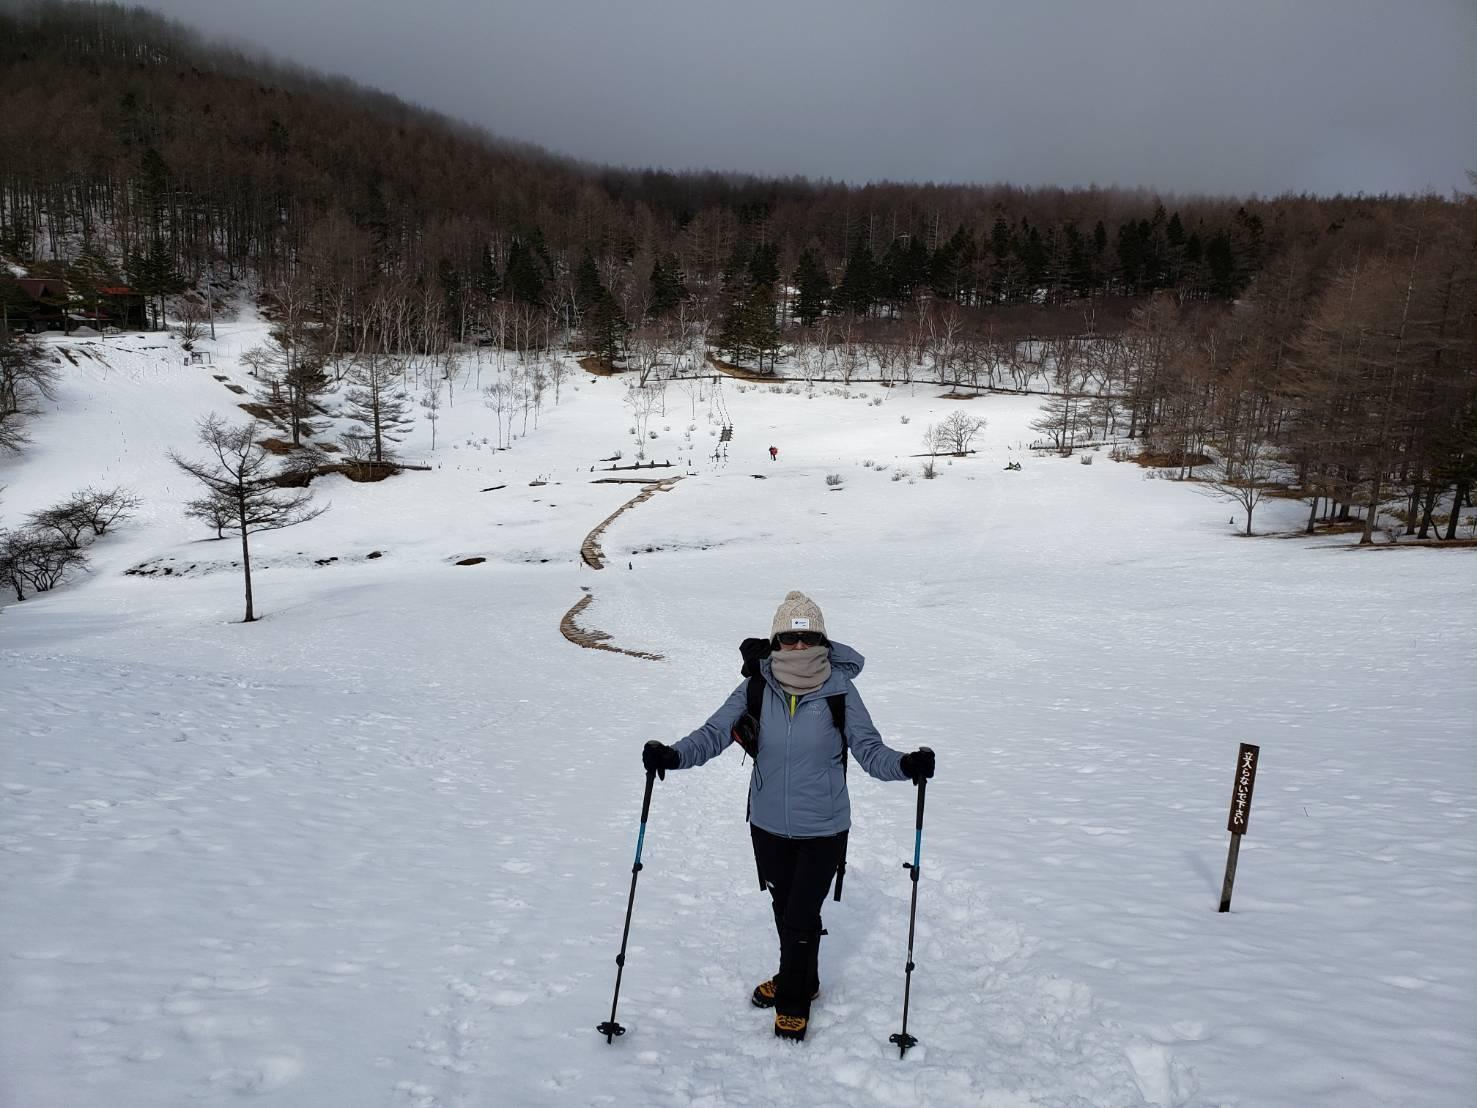 雪山ハイク入門の入笠山へ。_a0138134_00584352.jpeg